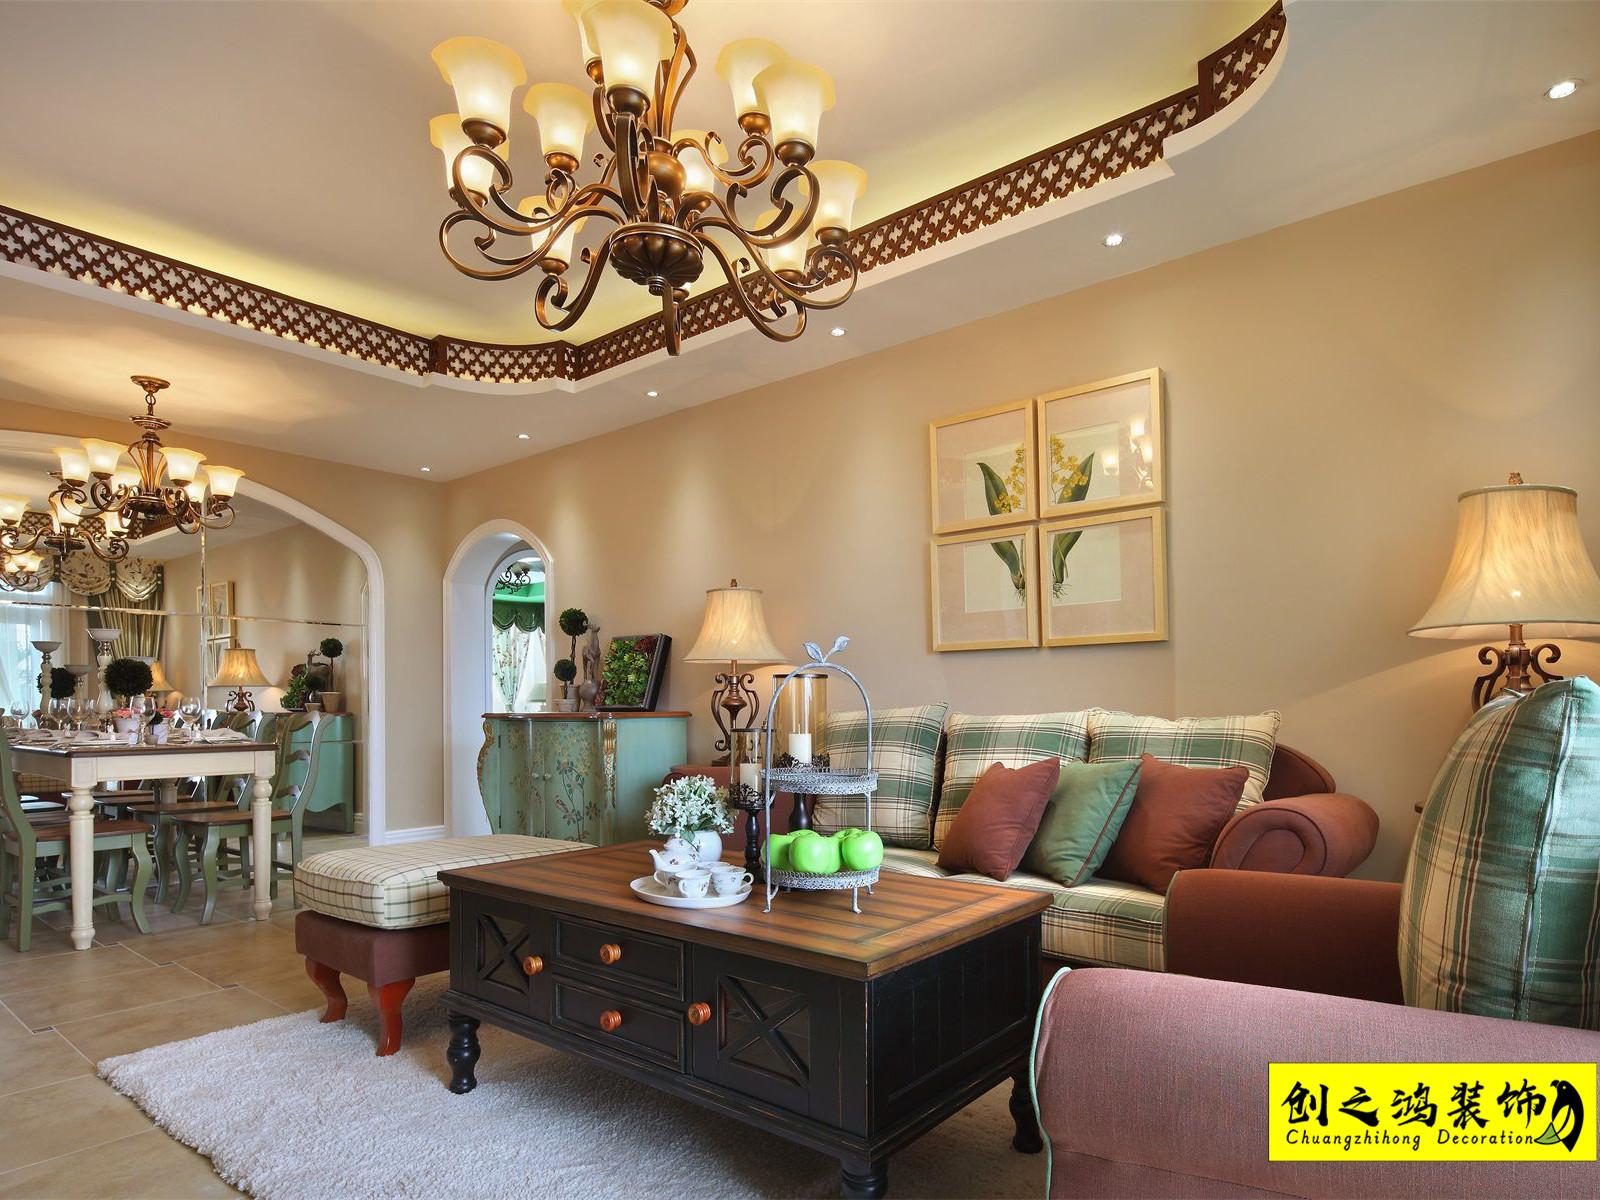 92㎡诺德中心二室二厅美式风格装修效果图